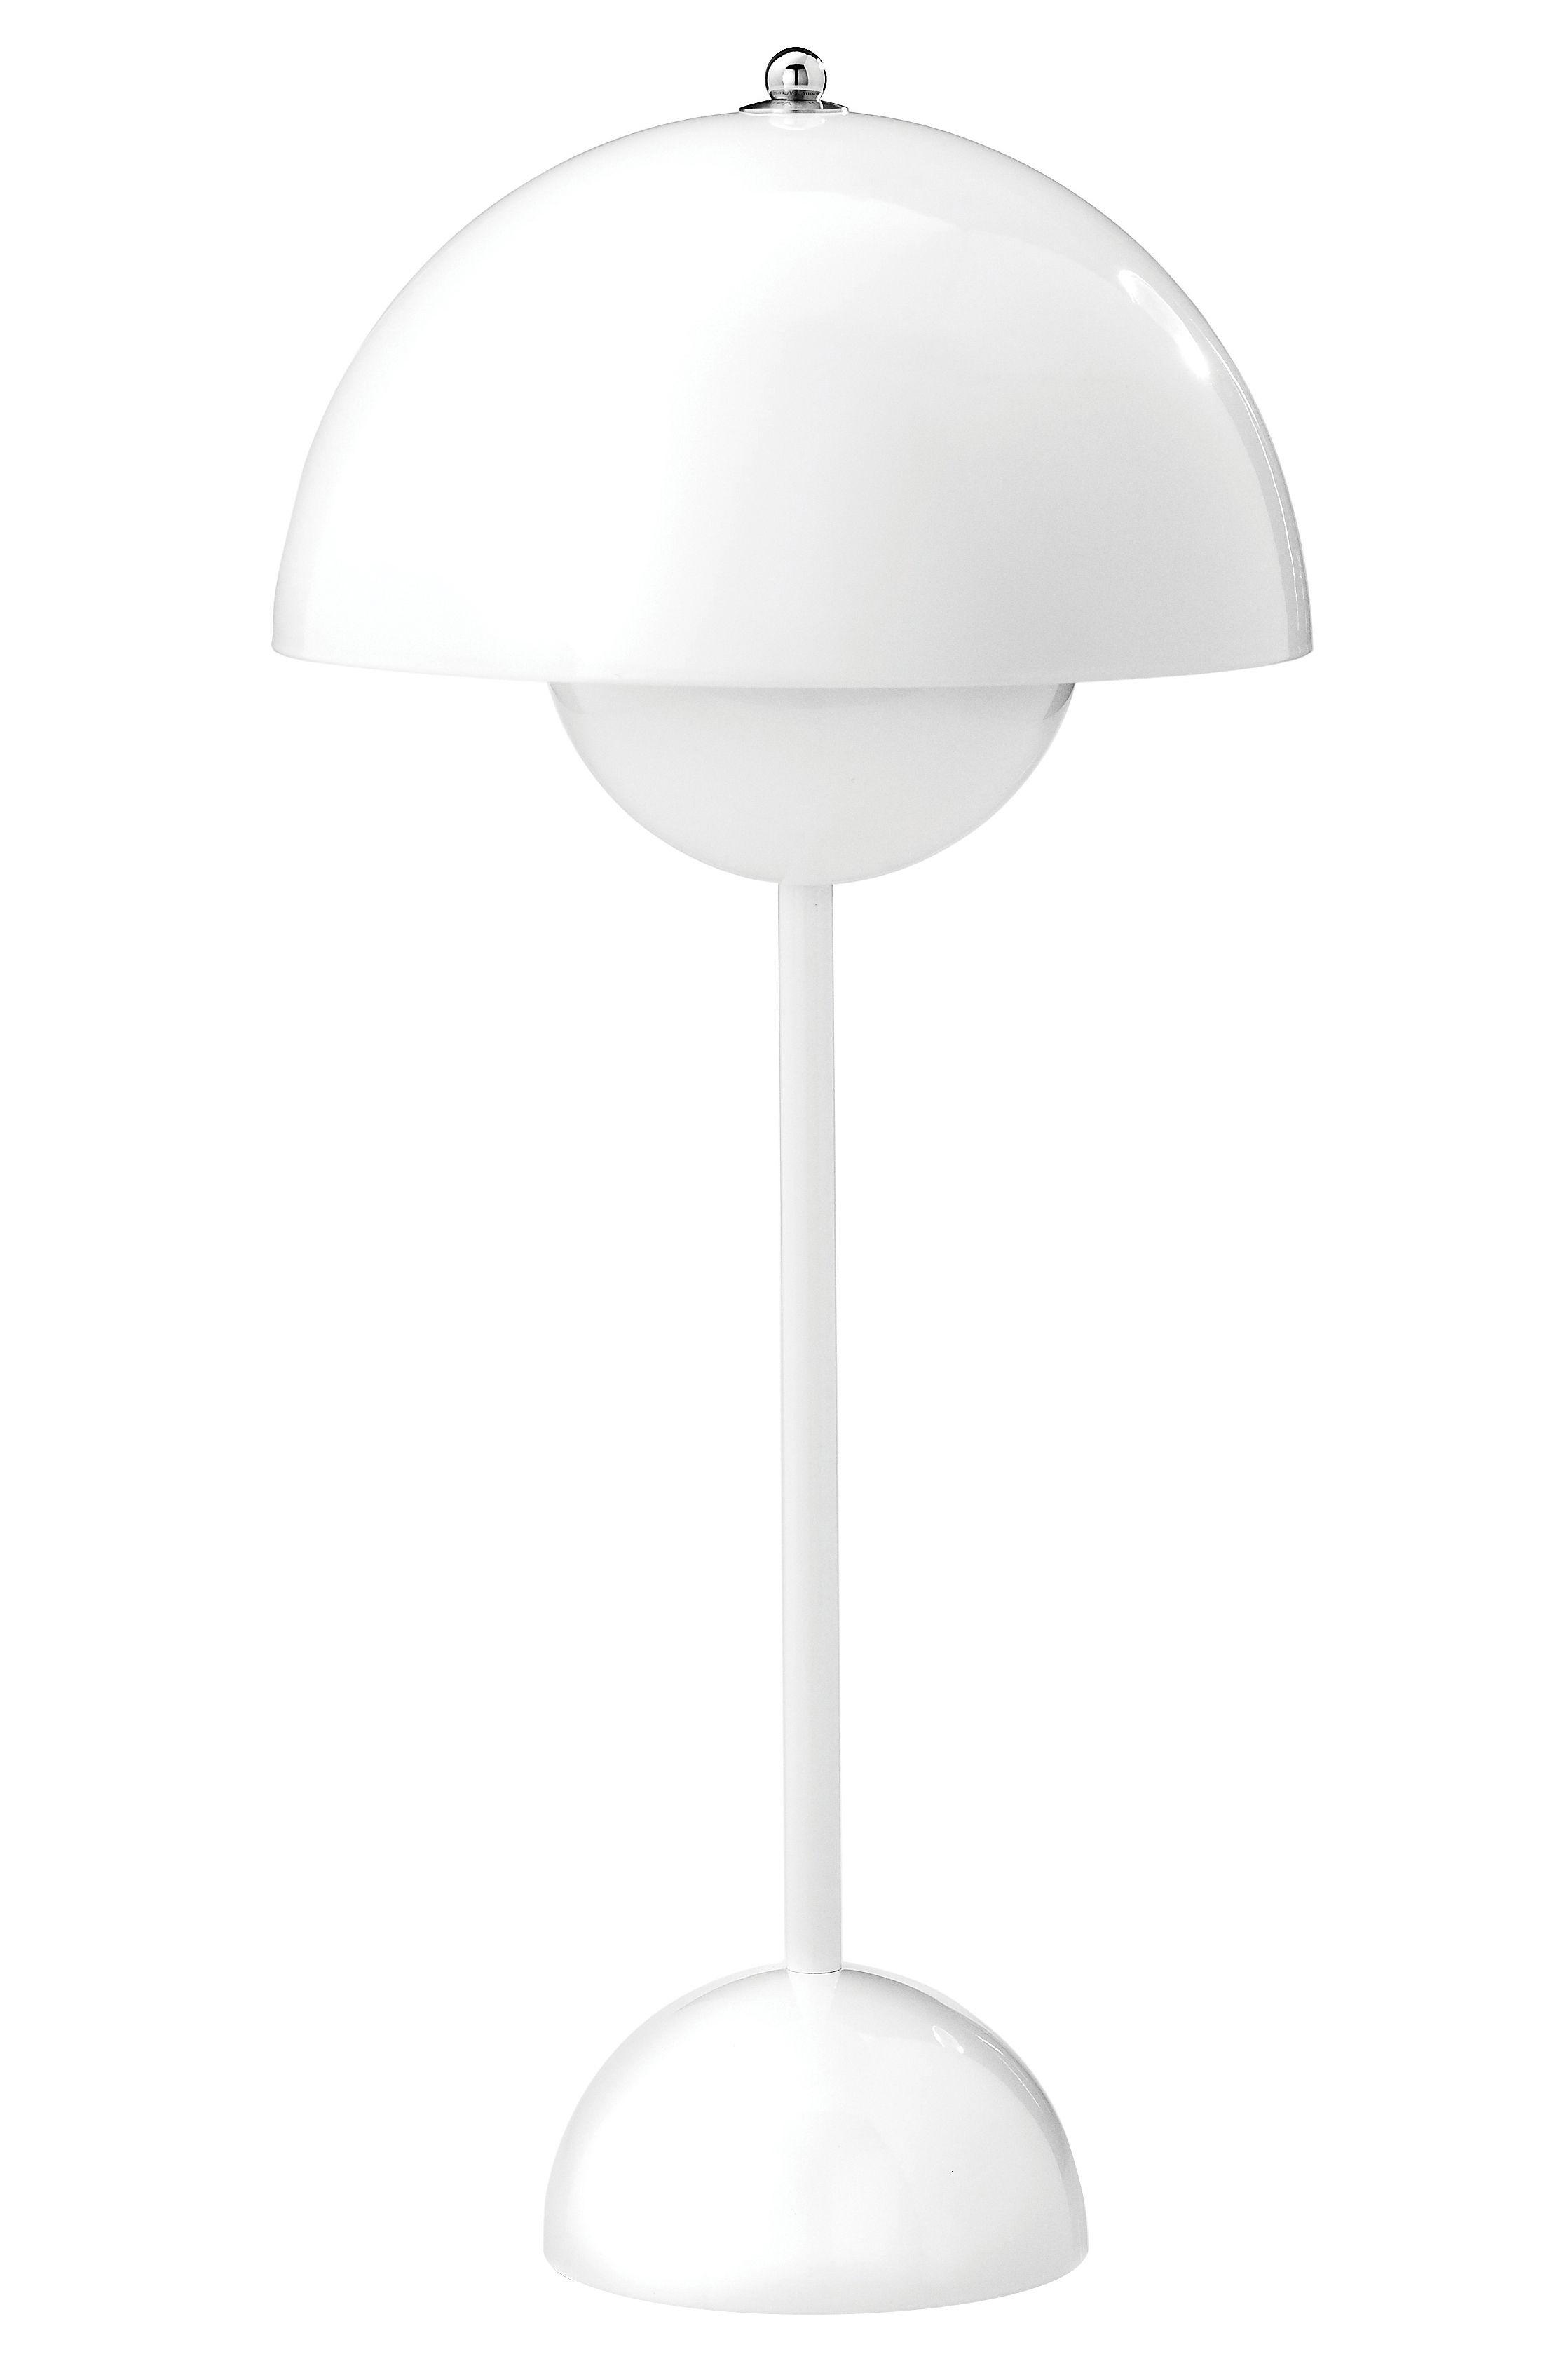 Luminaire - Lampes de table - Lampe de table FlowerPot VP3 / H 49 cm - By Verner Panton, 1969 - &tradition - Blanc - Aluminium laqué